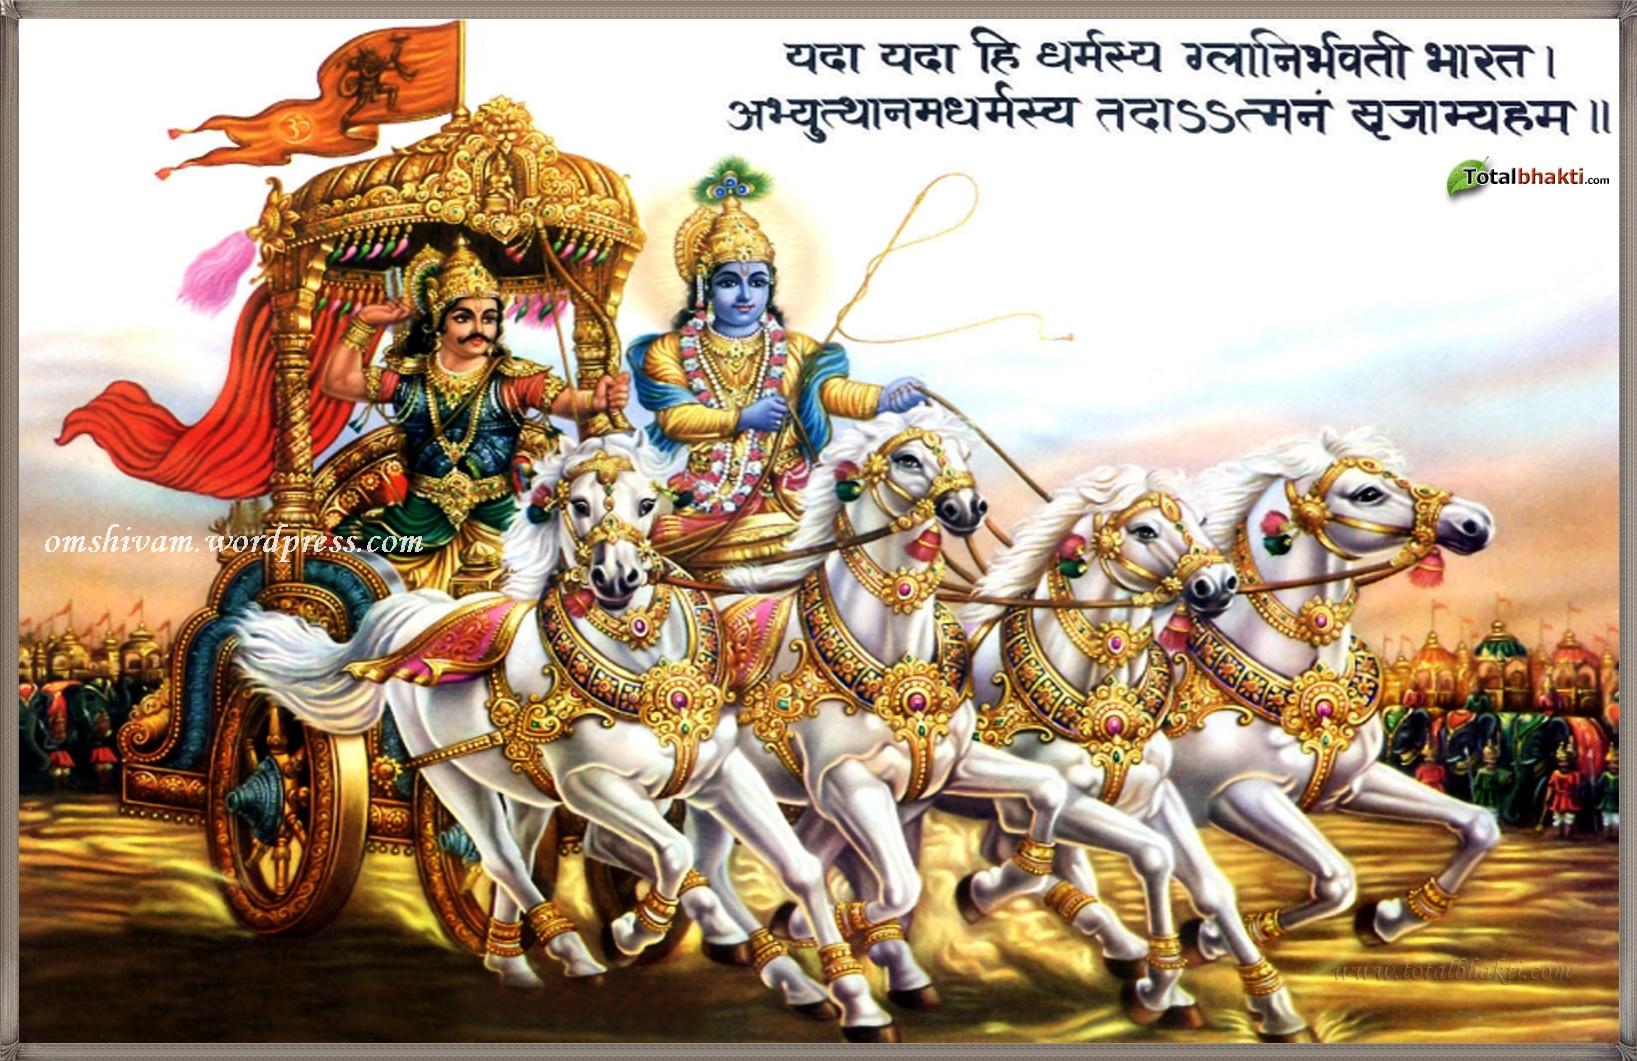 Jai Guru Dev Om Namah Shivaya